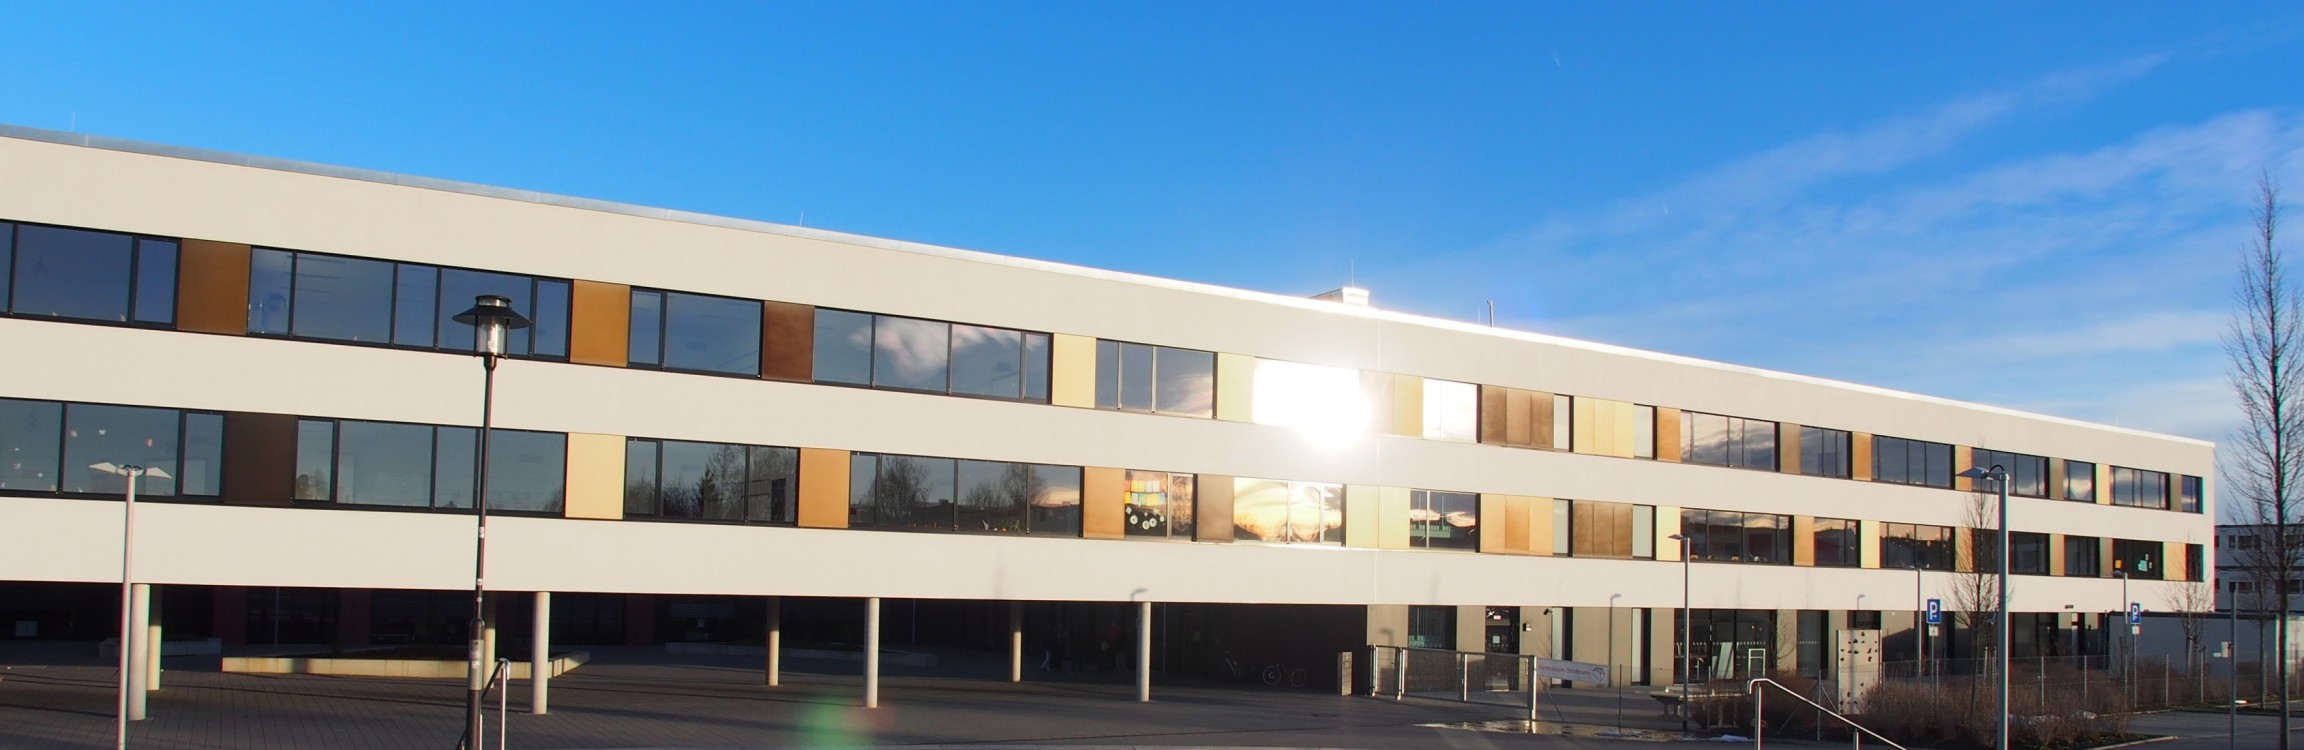 Gymnasium Höhenkirchen-Siegertsbrunn